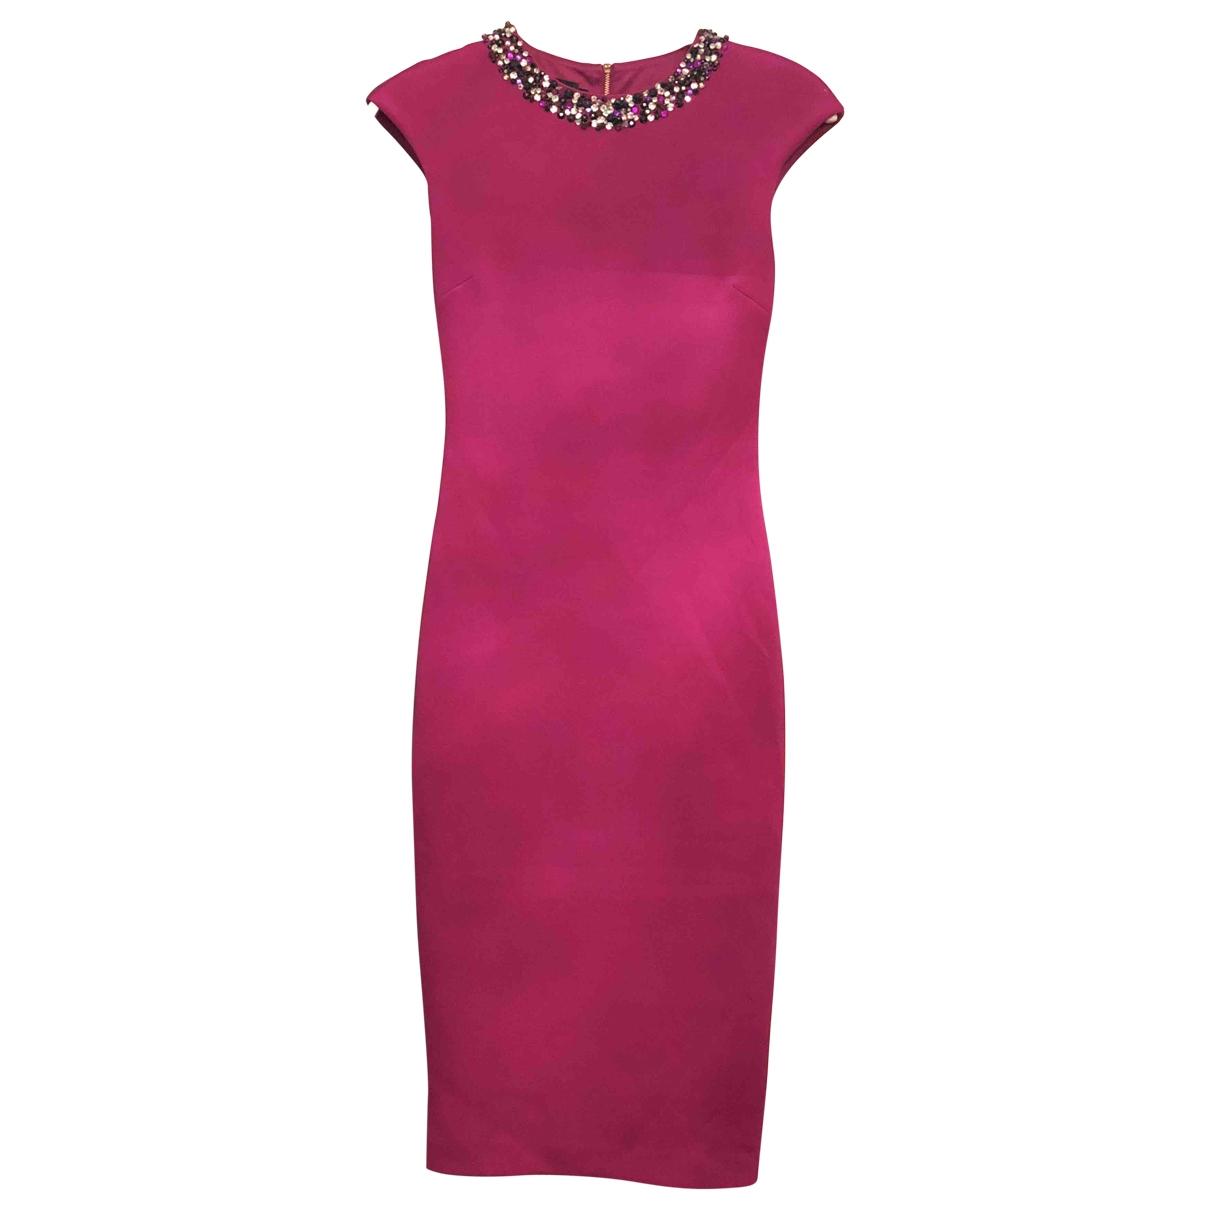 Ted Baker \N Pink dress for Women 36 FR